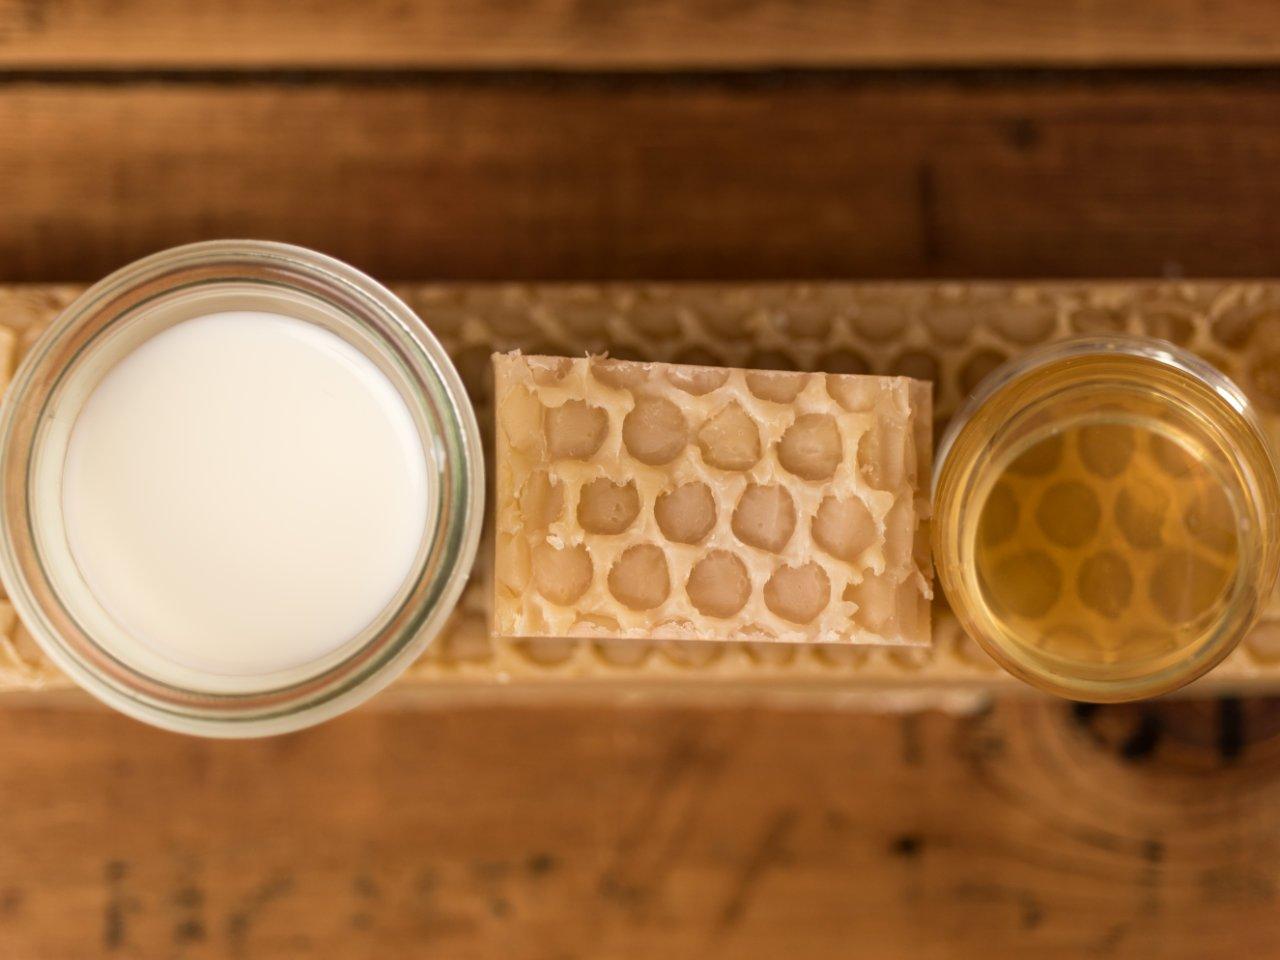 Sapone naturale al latte d'asina e miele